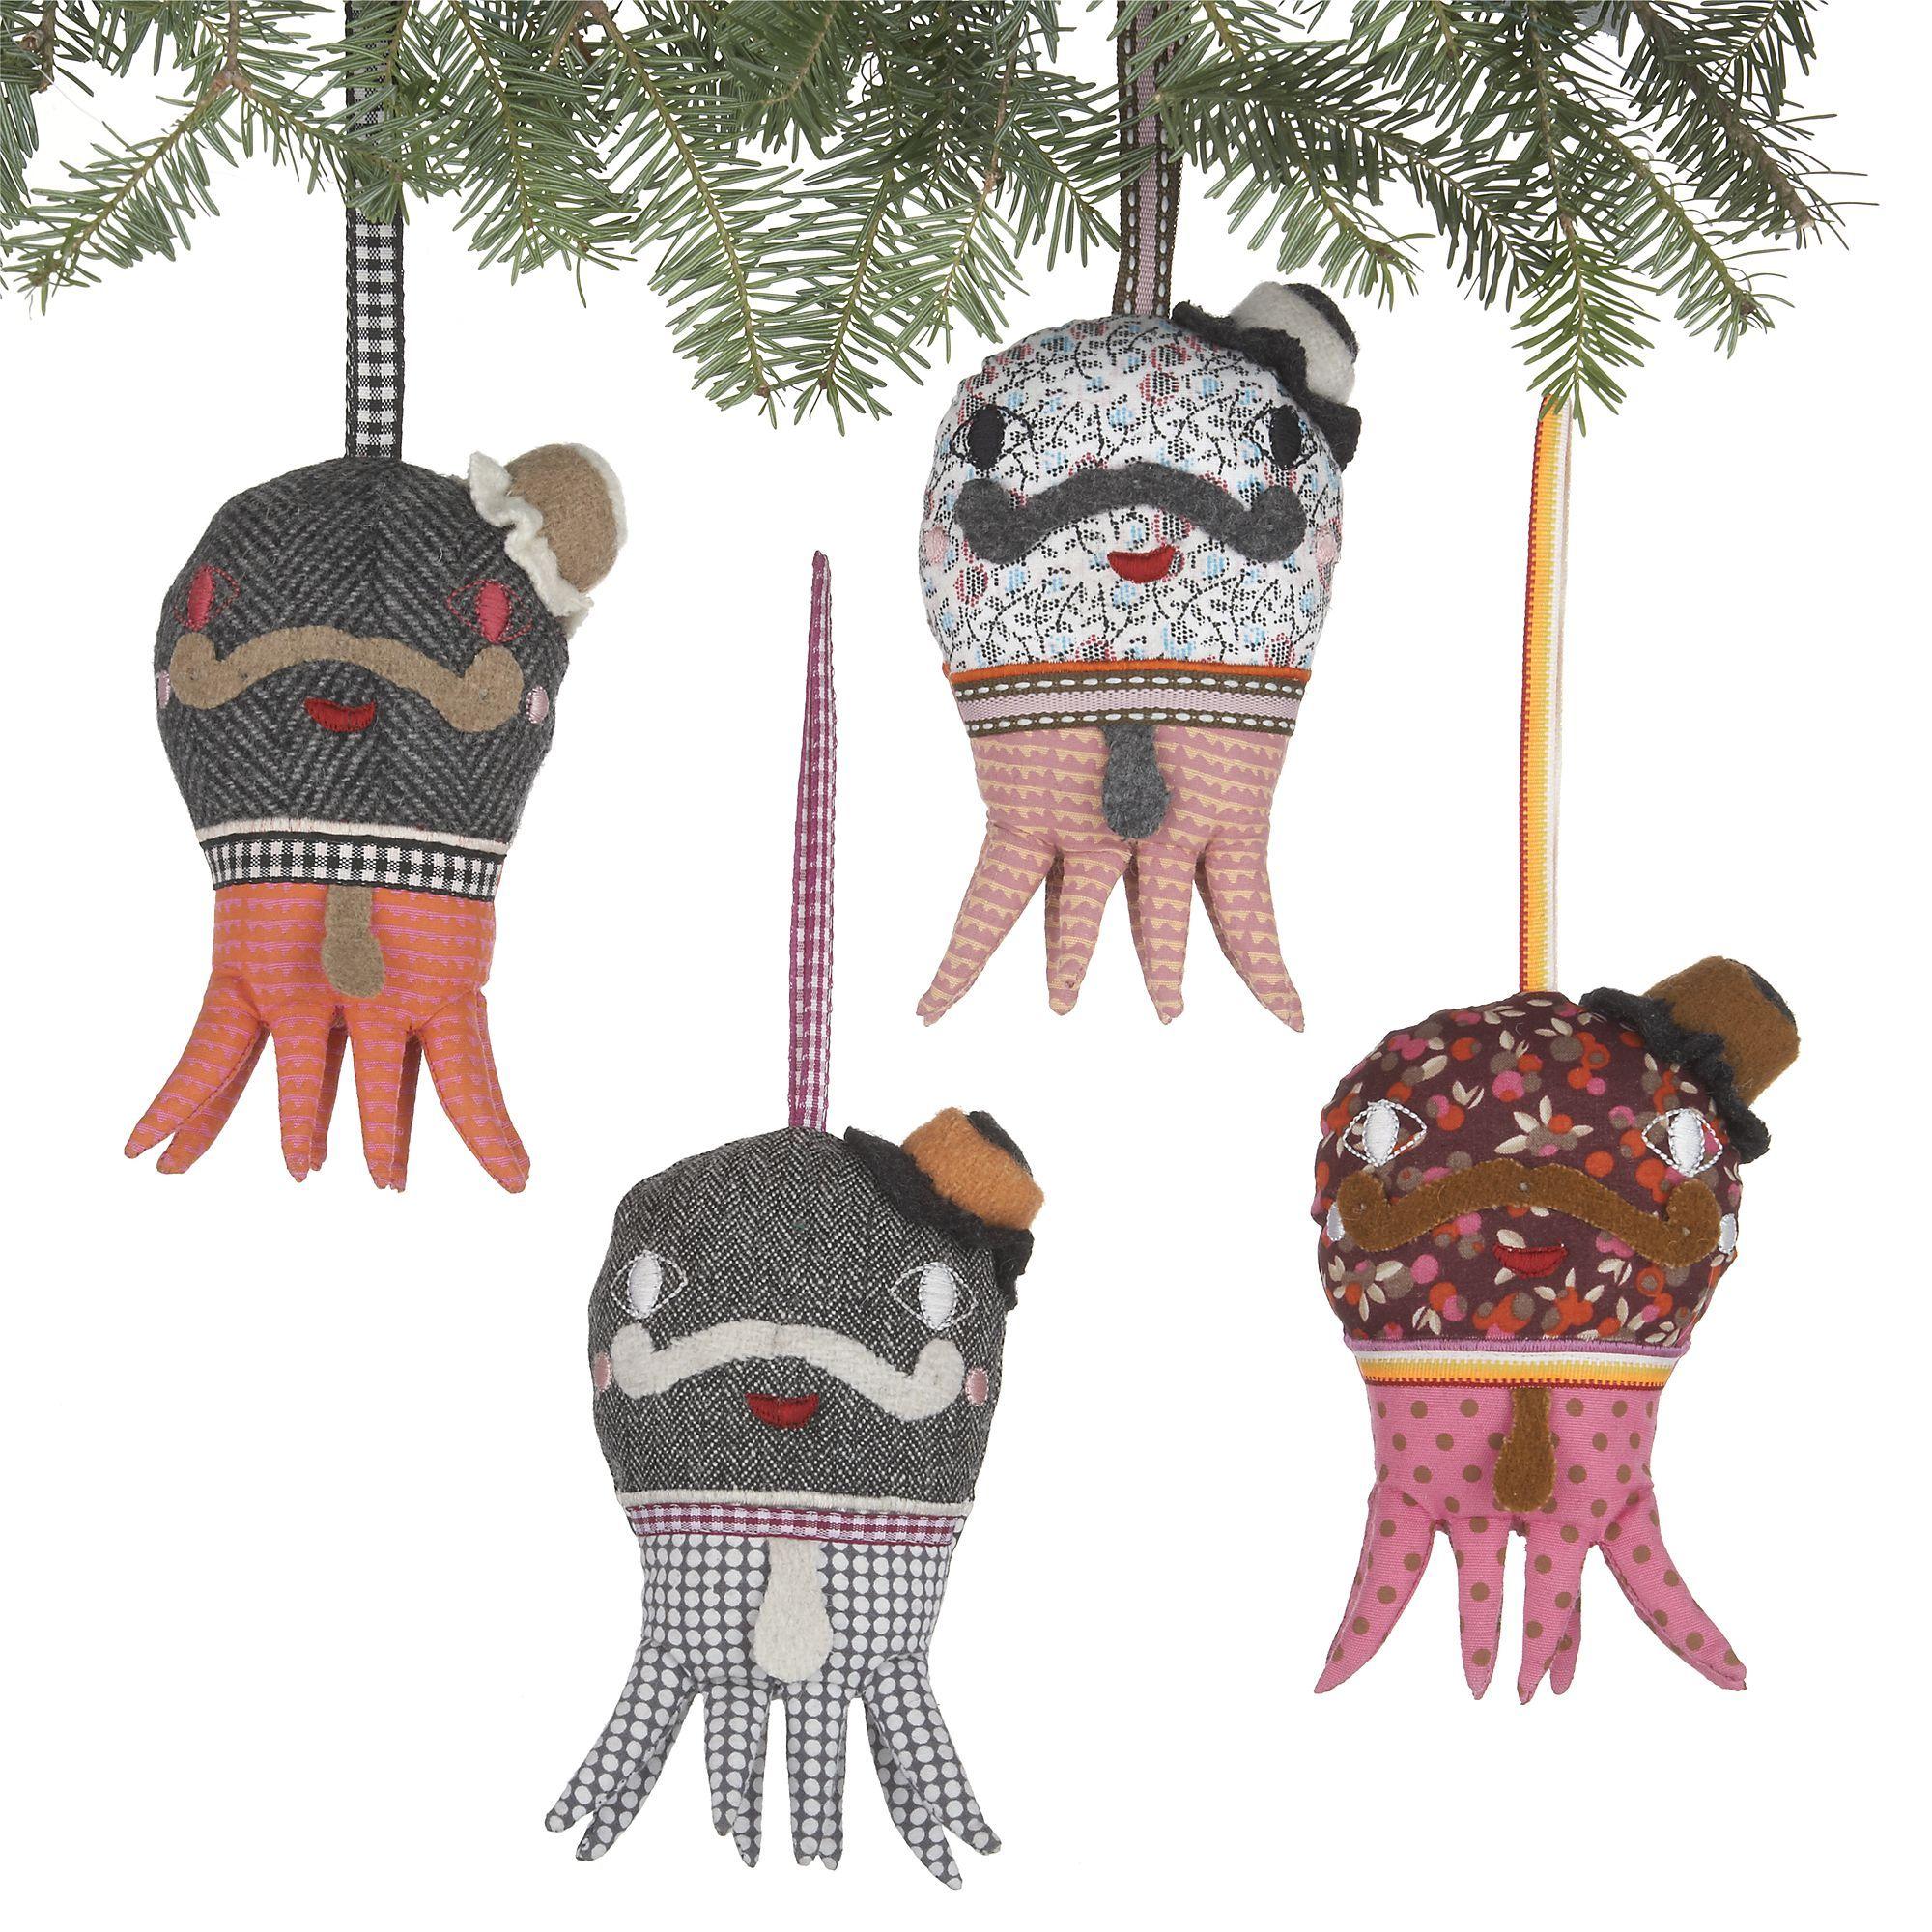 Octopus Ornaments